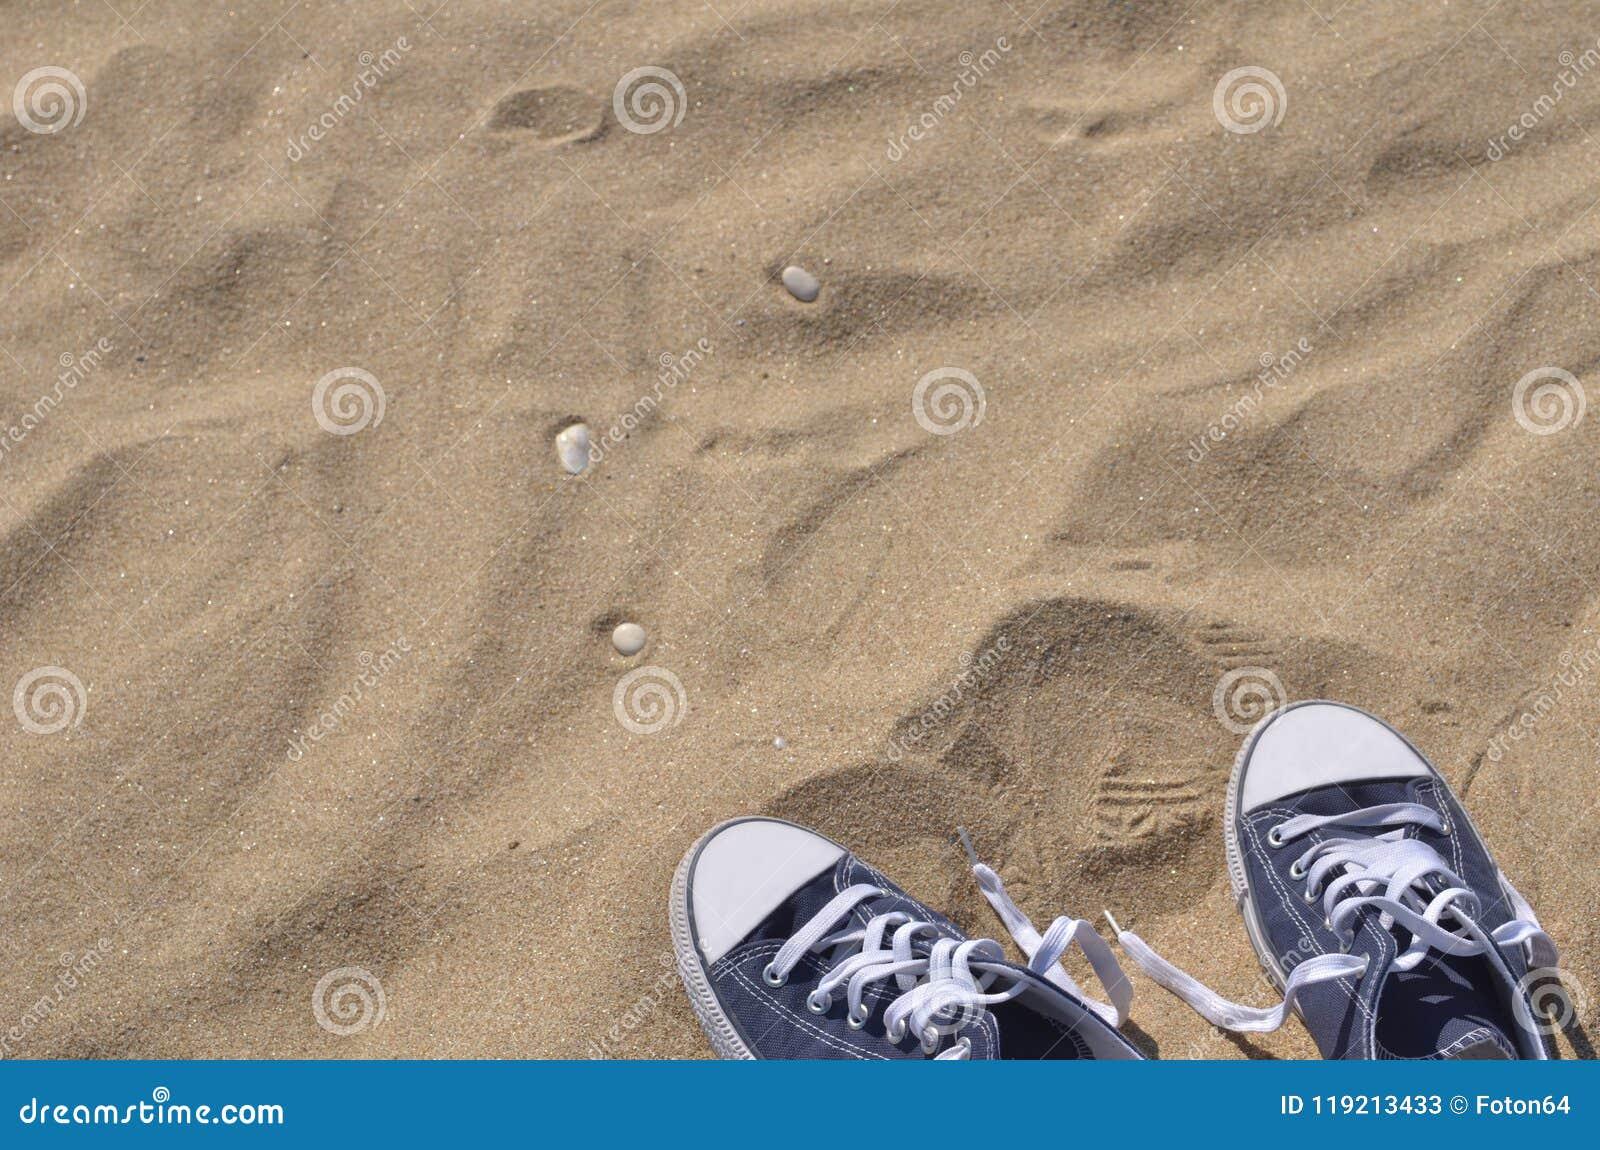 Archivo Azules Zapatillas En Deporte De Imagen La Pares Playa qH8UF1vW